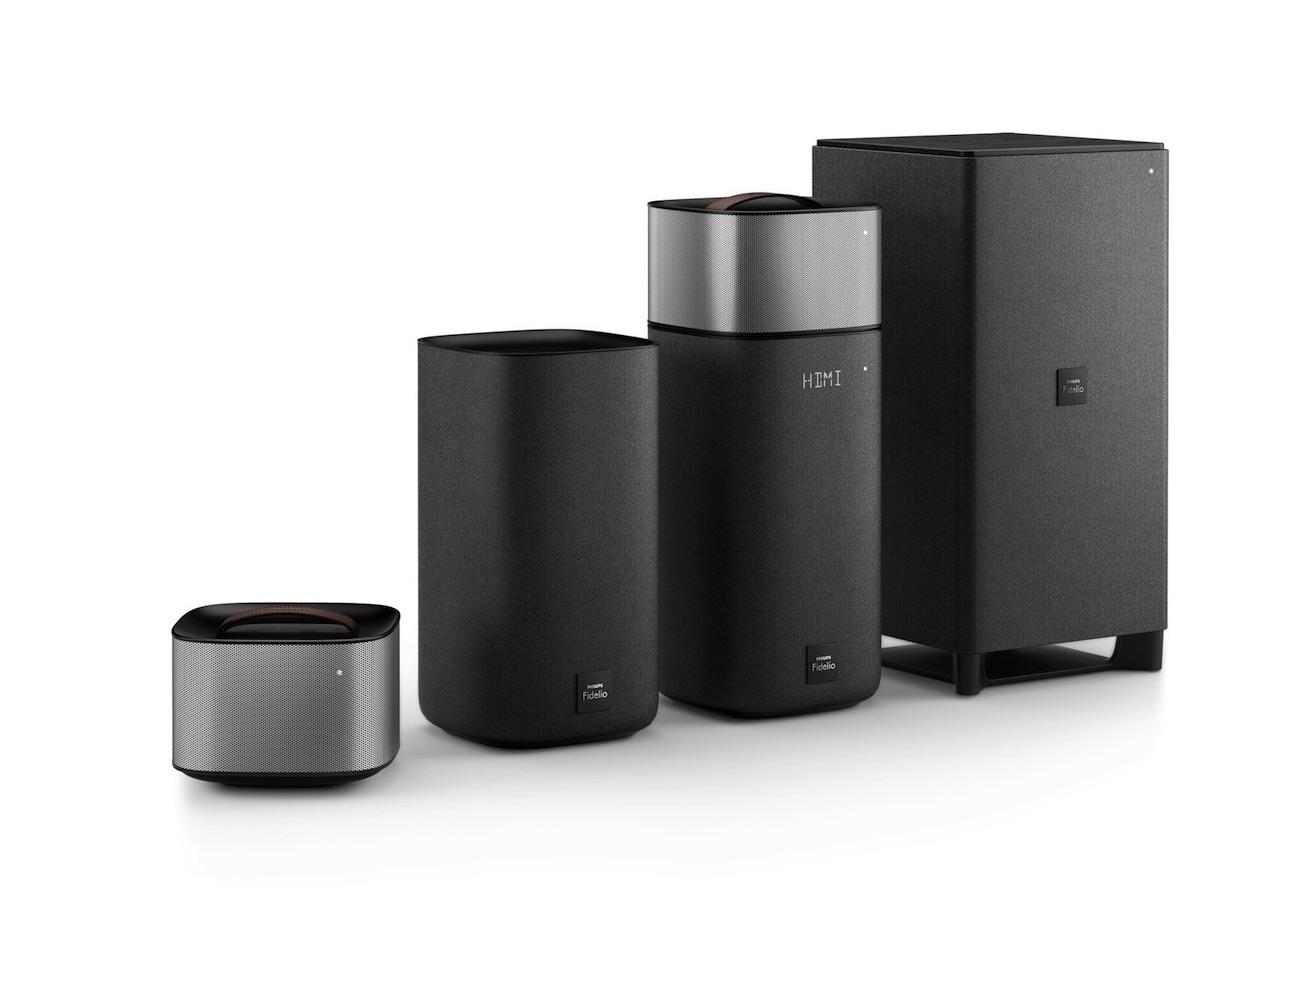 philips-fidelio-e6-wireless-speakers-stereo-to-surround-sound-in-seconds-03